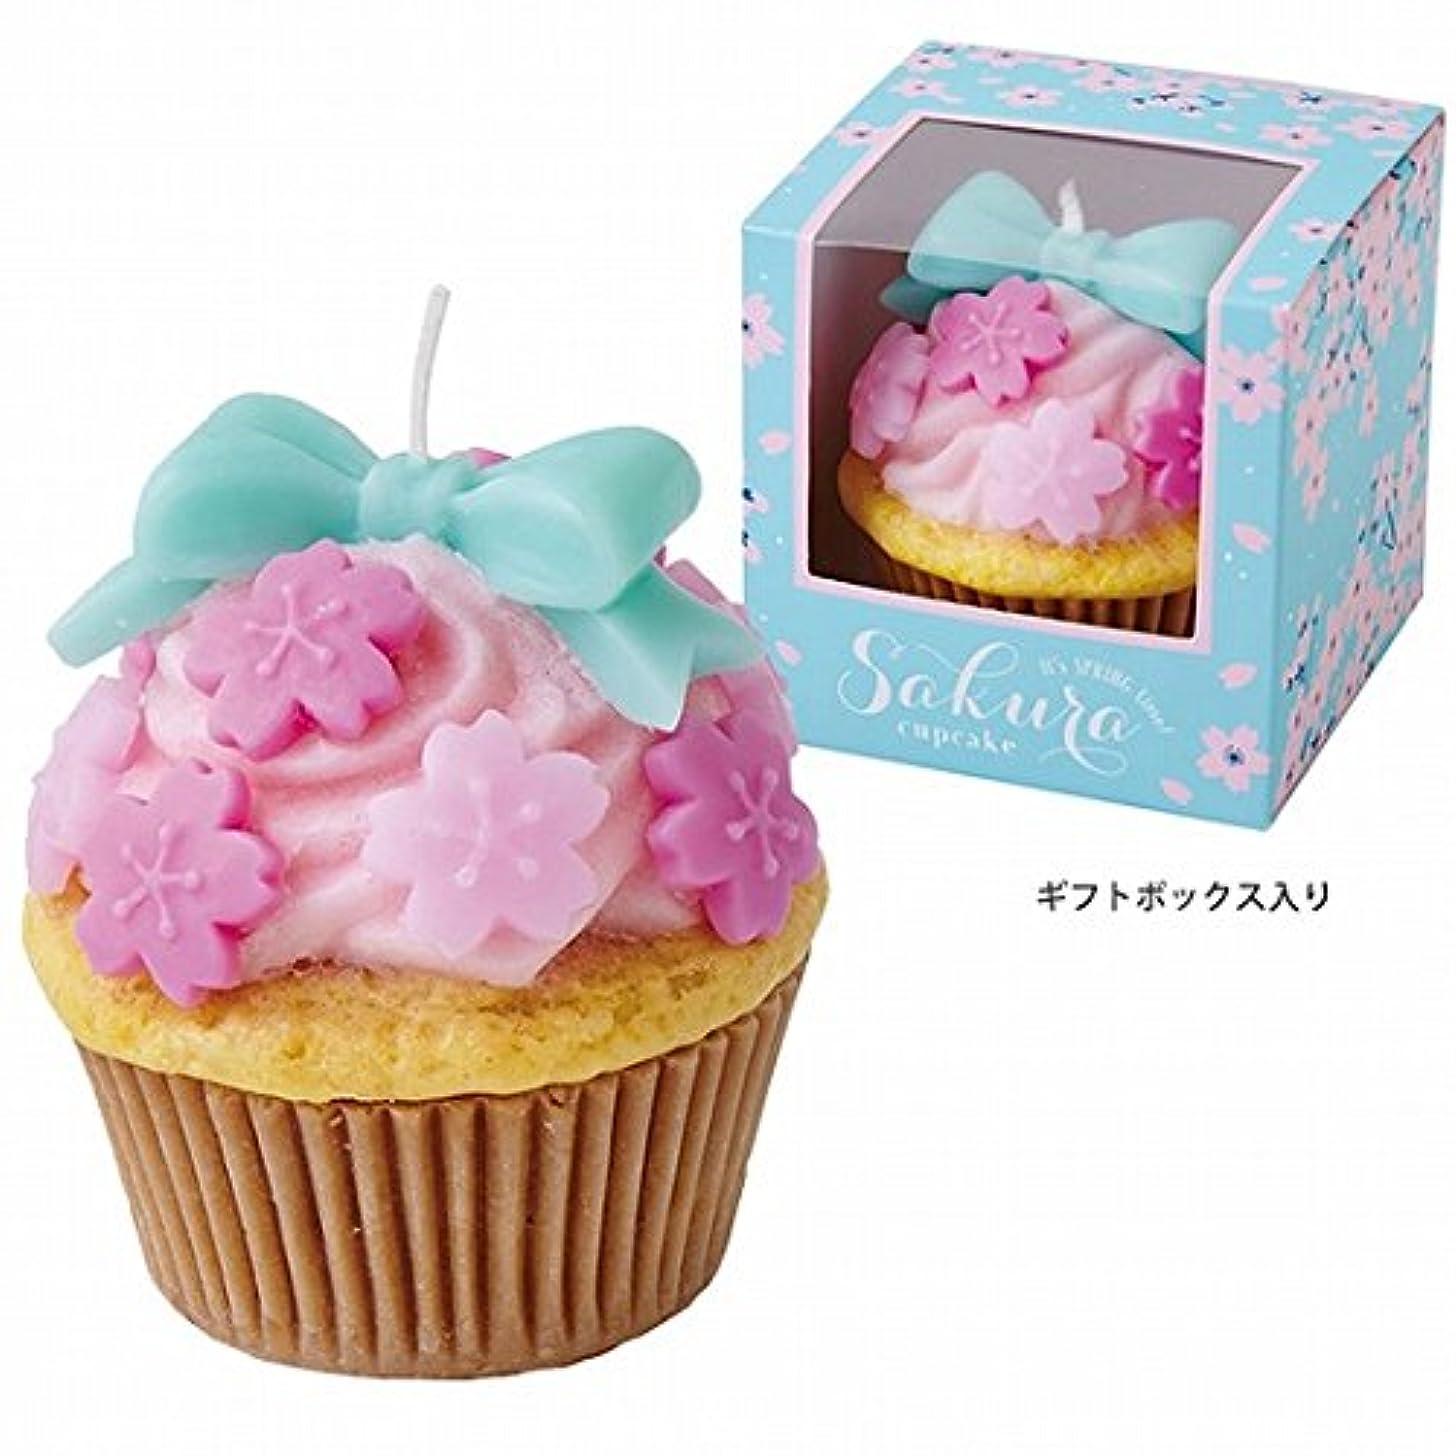 アジテーション和解するマンハッタンカメヤマキャンドル( kameyama candle ) SAKURAカップケーキ キャンドル